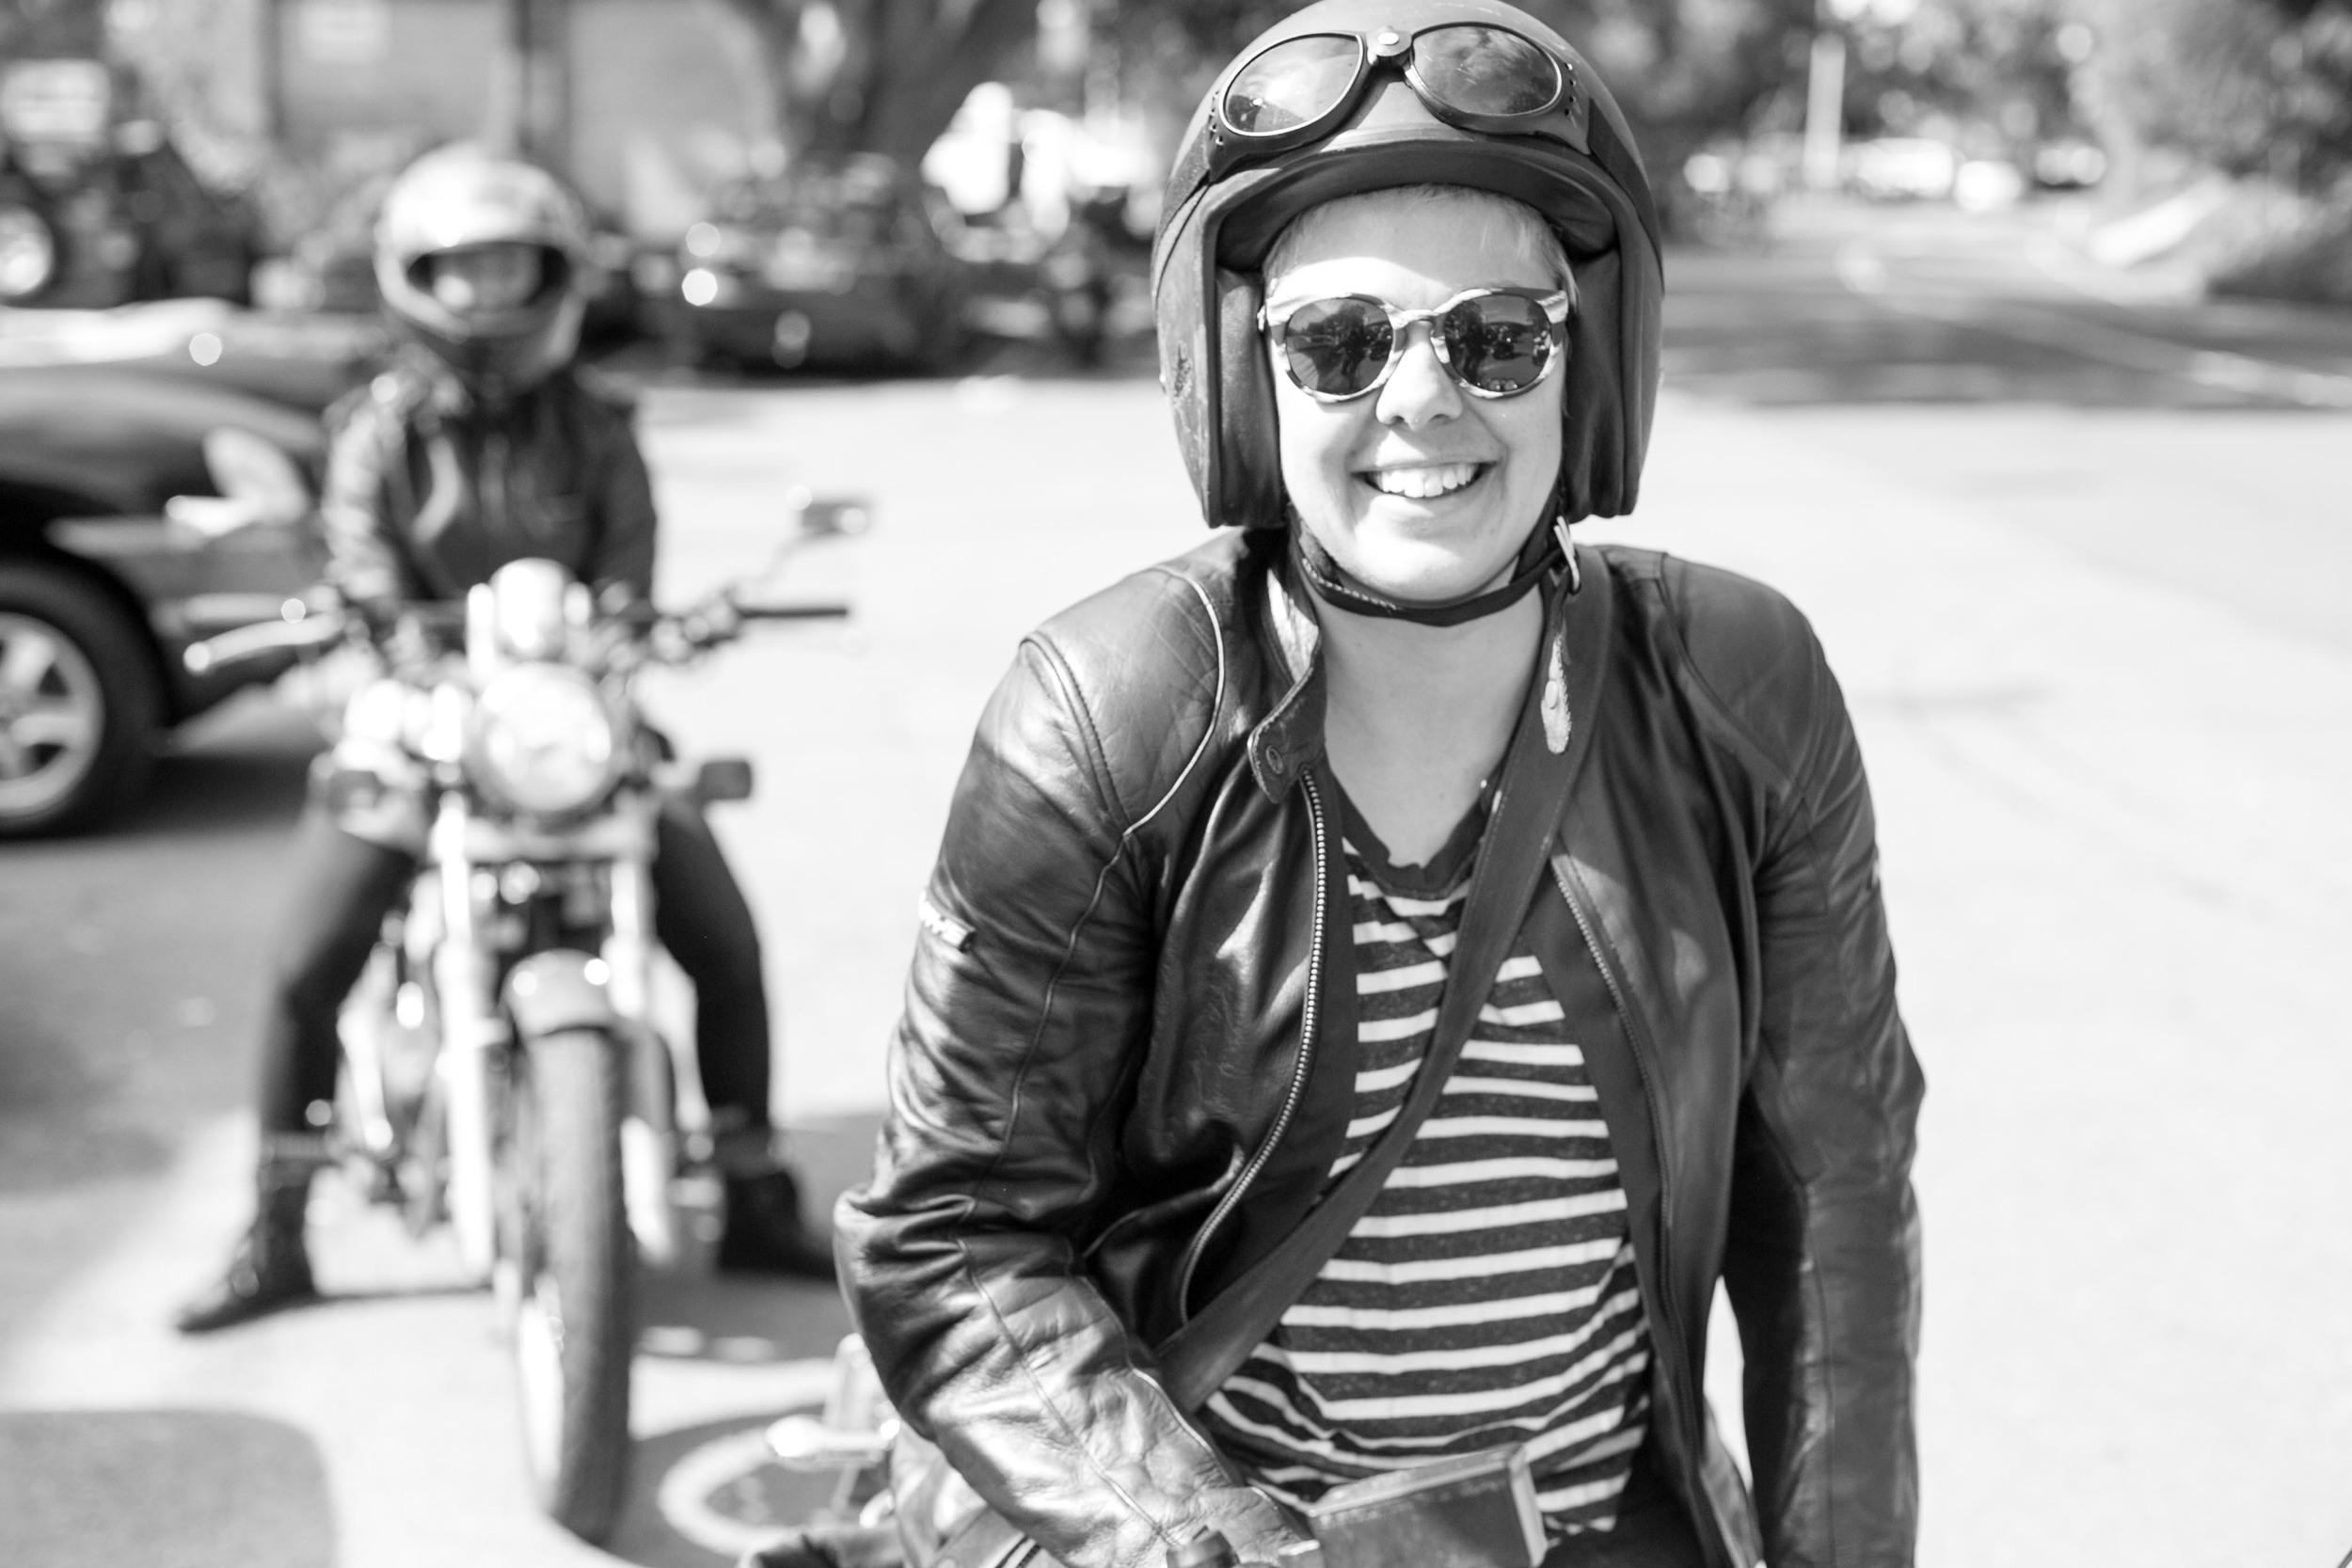 in_venus_Veritas_throttle_dolls_ride-35.jpg